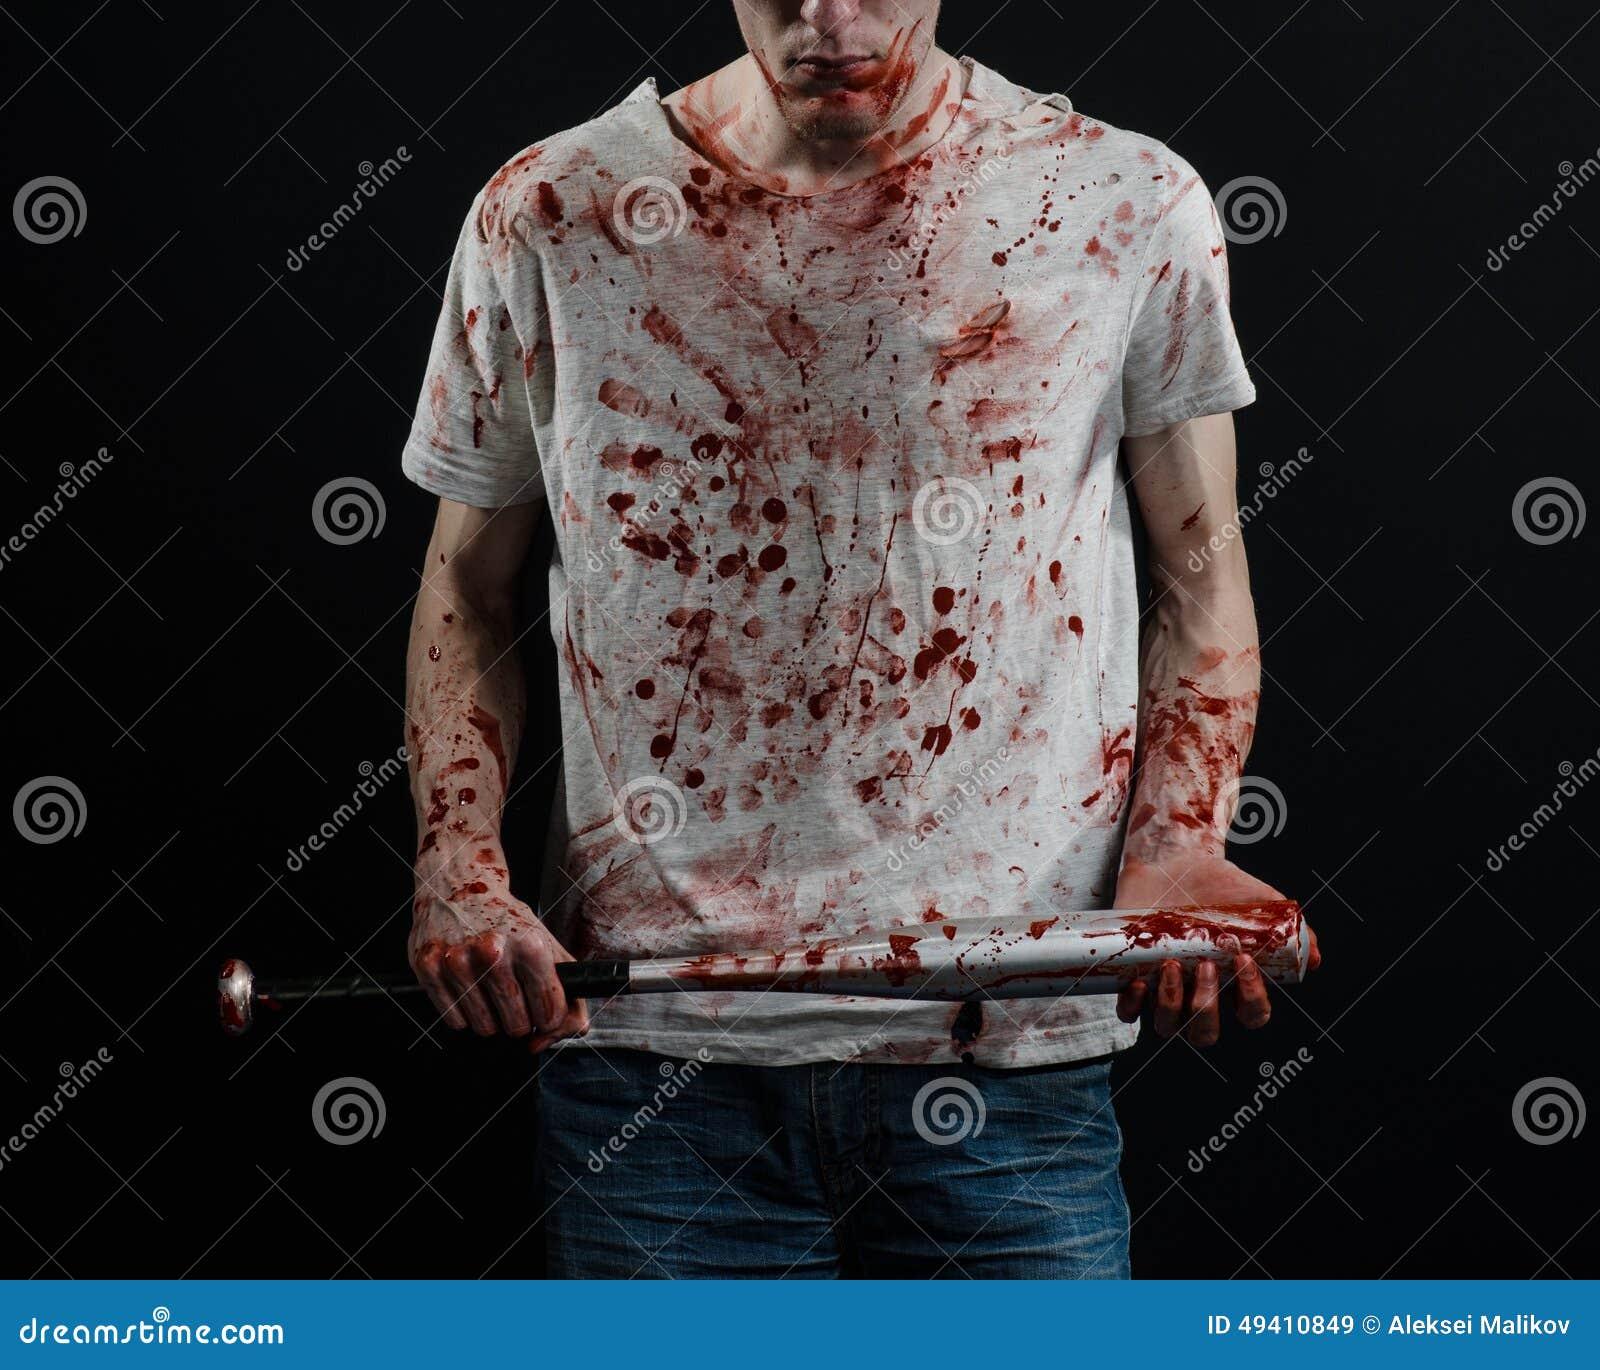 Download Blutiges Thema: Der Kerl In Einem Blutigen T-Shirt, Das Einen Blutigen Schläger Auf Einem Schwarzen Hintergrund Hält Stockbild - Bild von zorn, schwarzes: 49410849